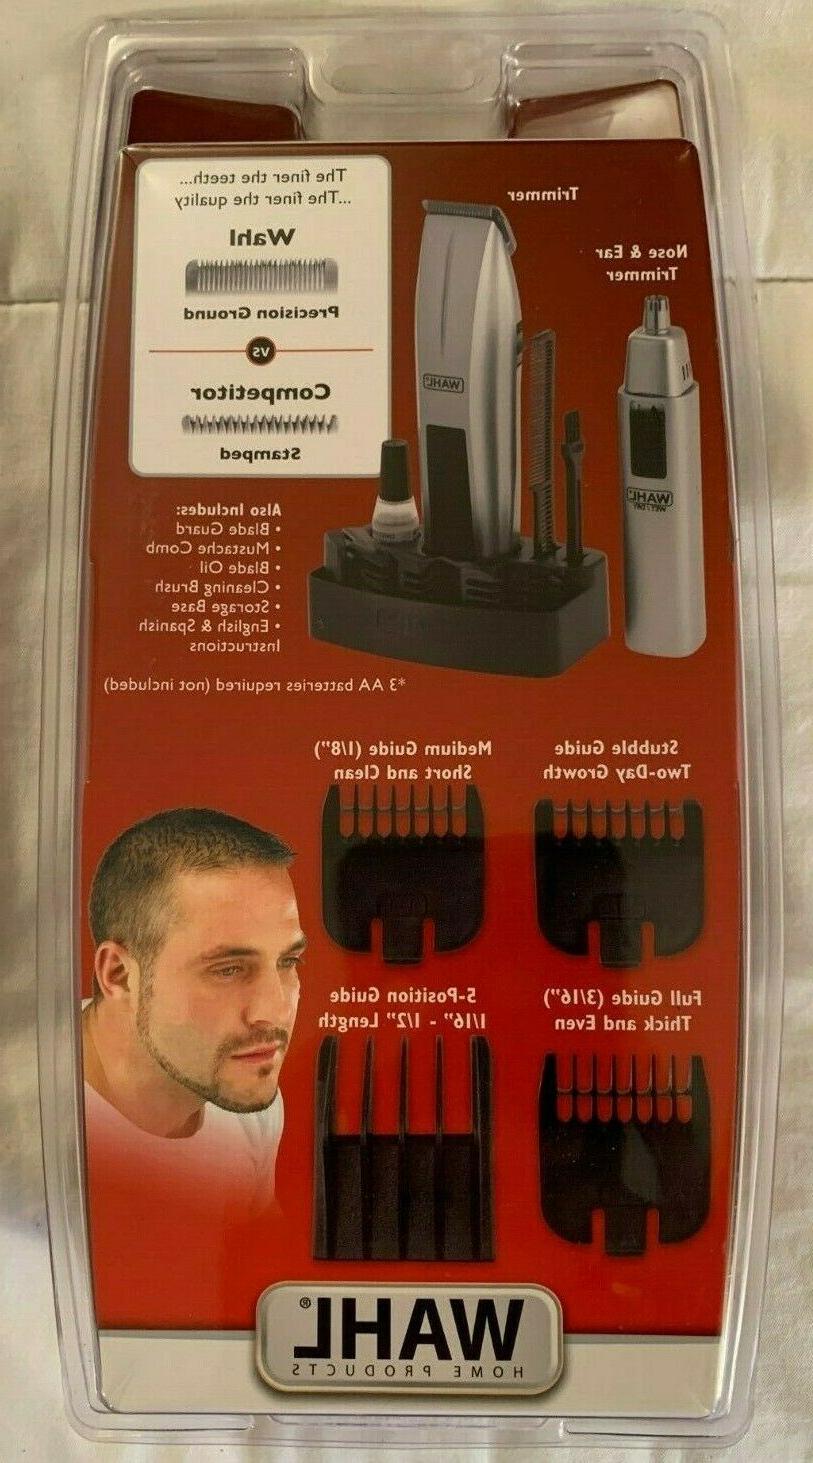 WAHL 5537-420 Beard Trimmer